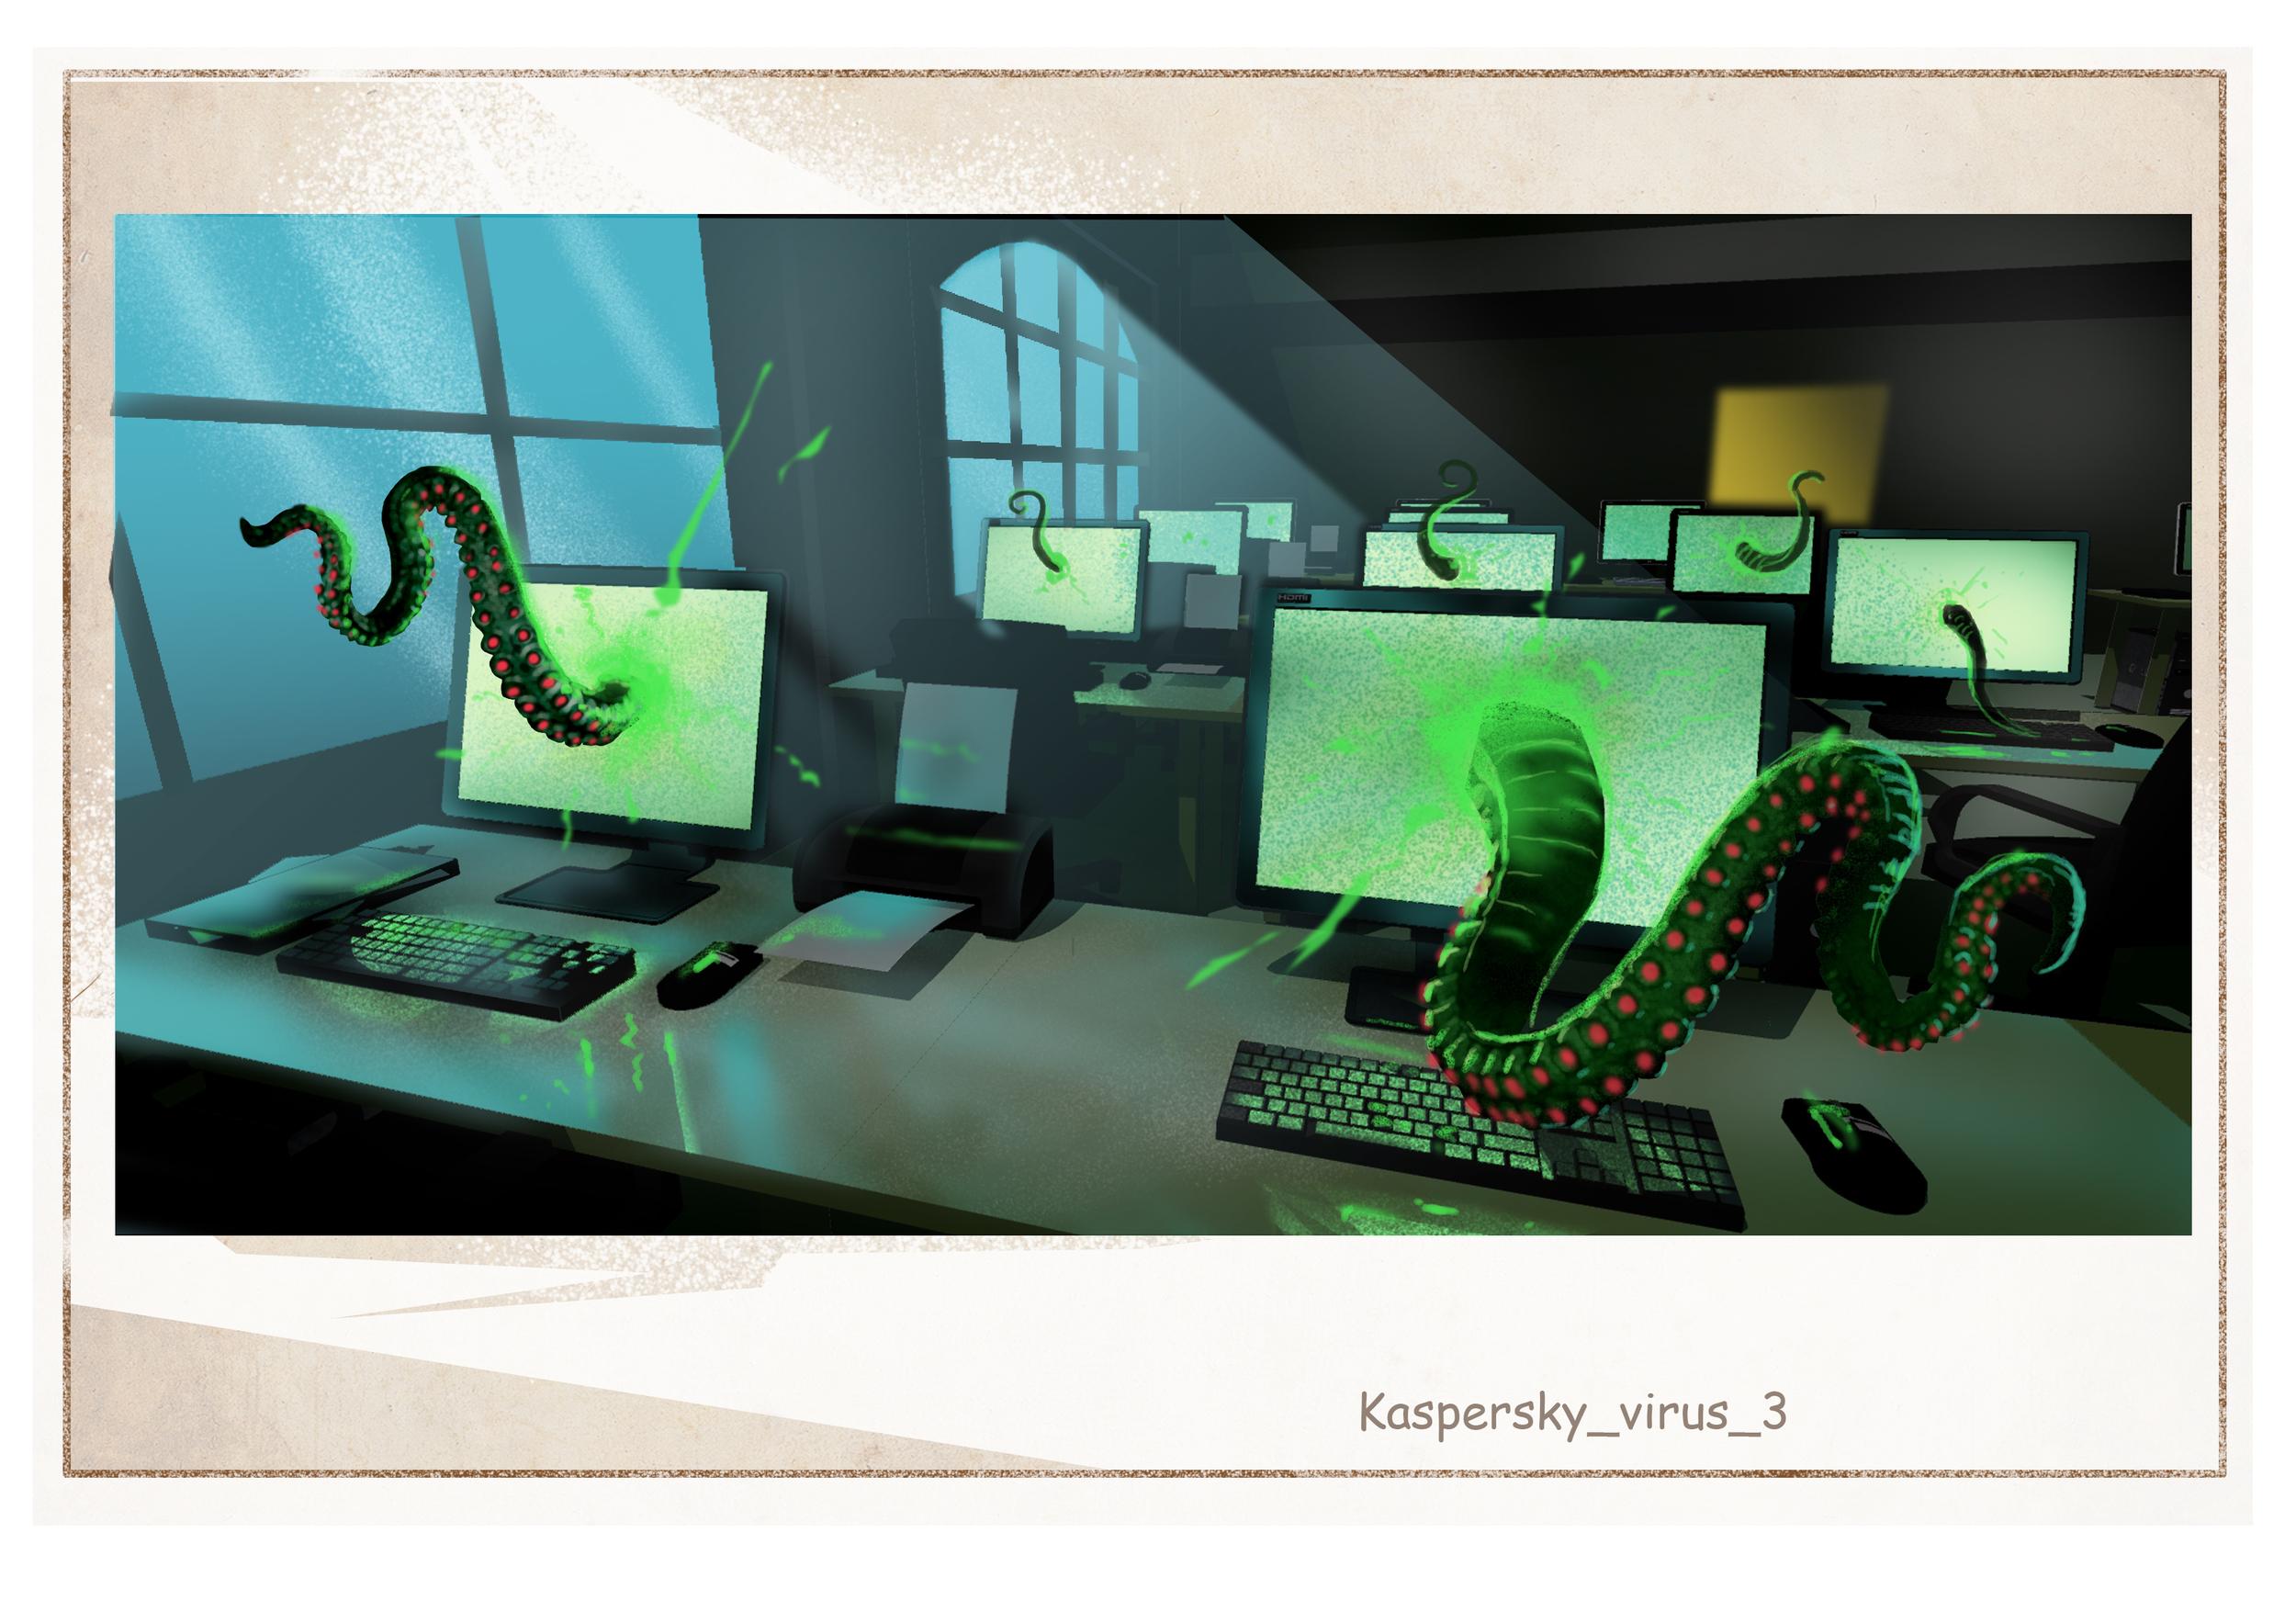 Kaspersky_tentacles_1d.jpg